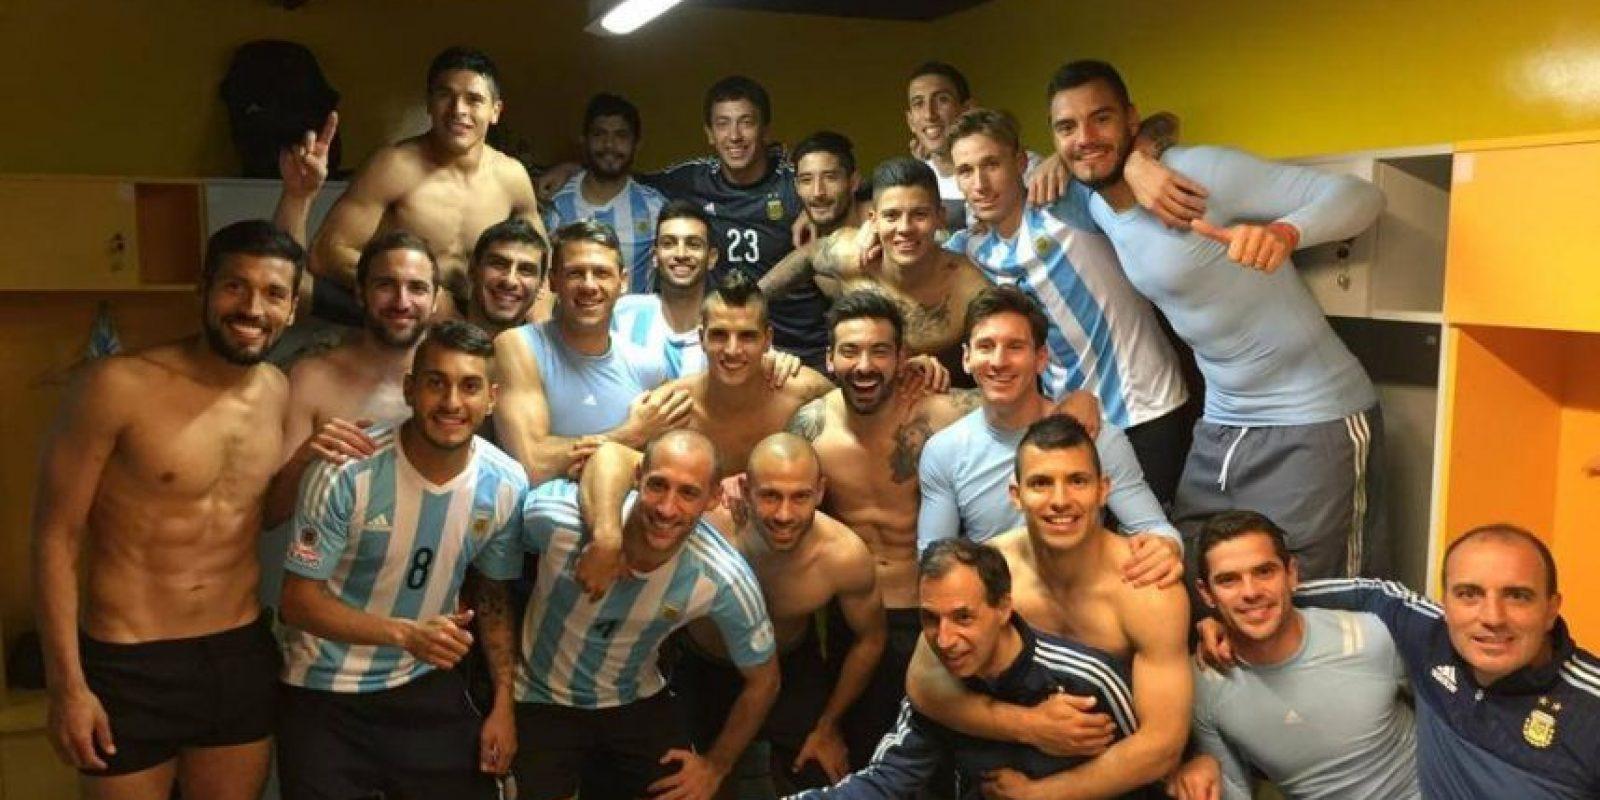 A través de las redes sociales, los finalistas de la Copa América han ido compartiendo con sus seguidores, los momentos de intimidad en el seno del equipo. Ya se hizo costumbre que se publiquen fotos en el vestidor después de una importante victoria. Foto:Vía facebook.com/AFASeleccionArgentina